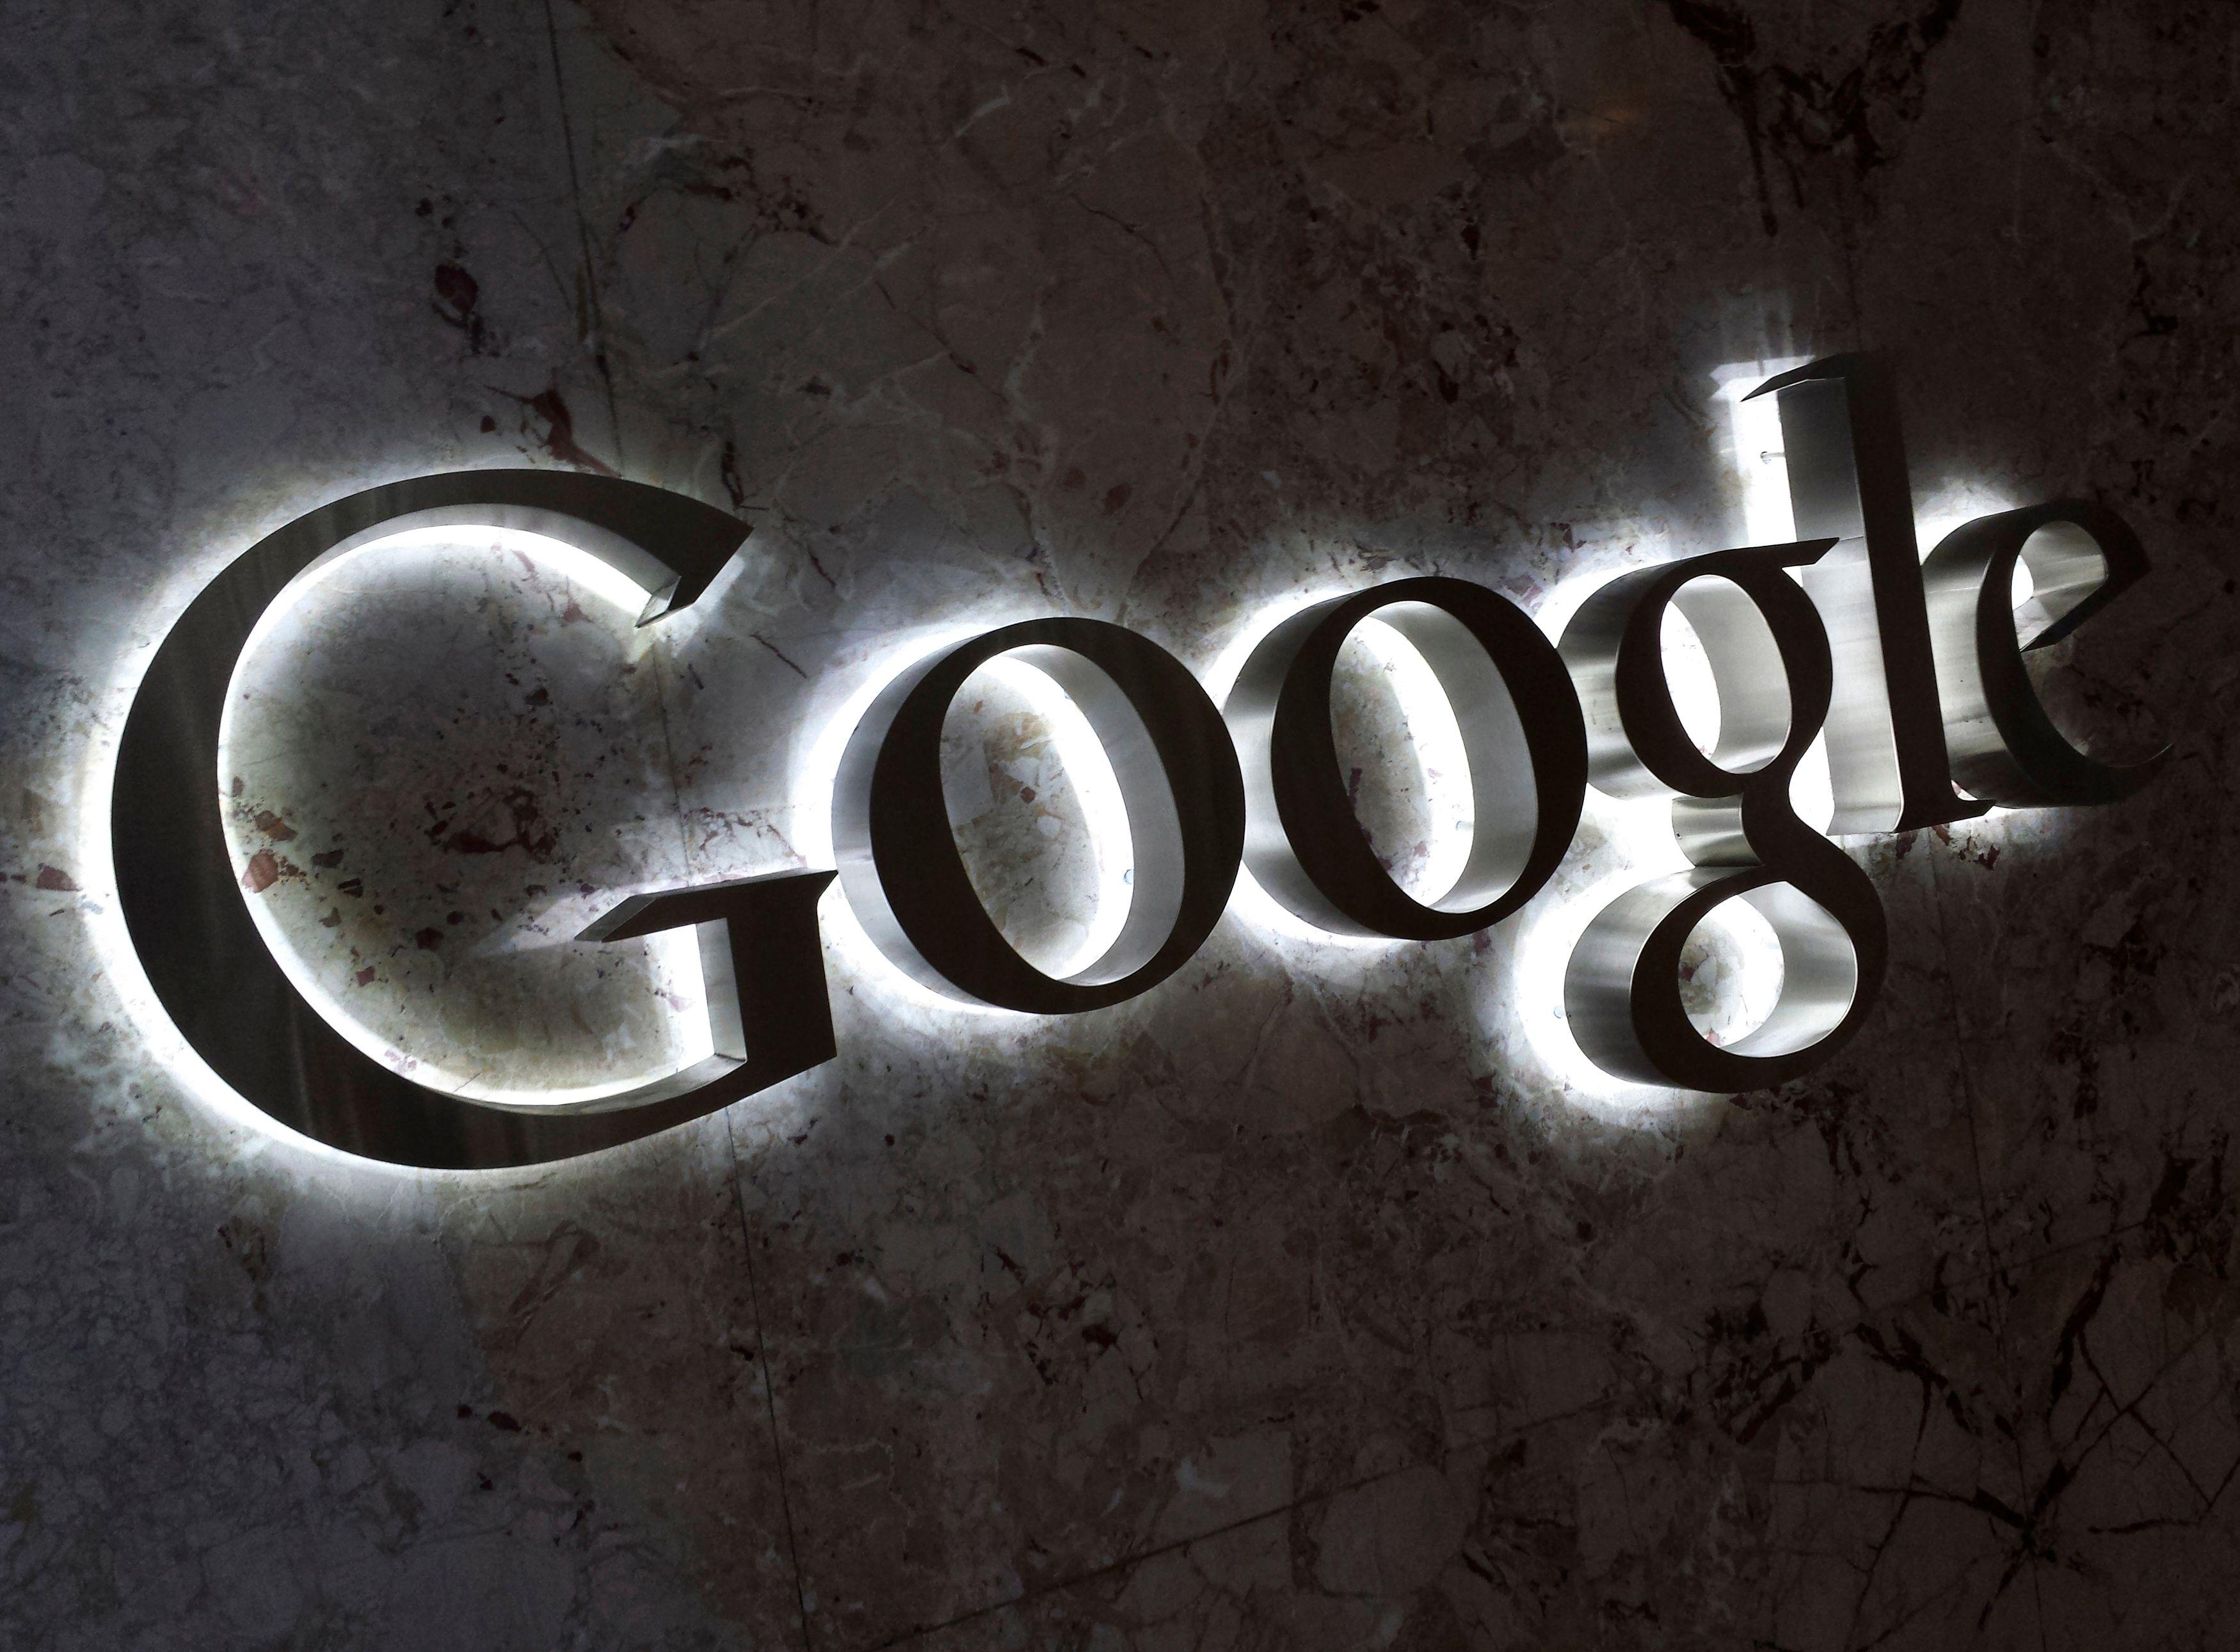 Le futurologue en chef de Google annonce la fin de la vie privée